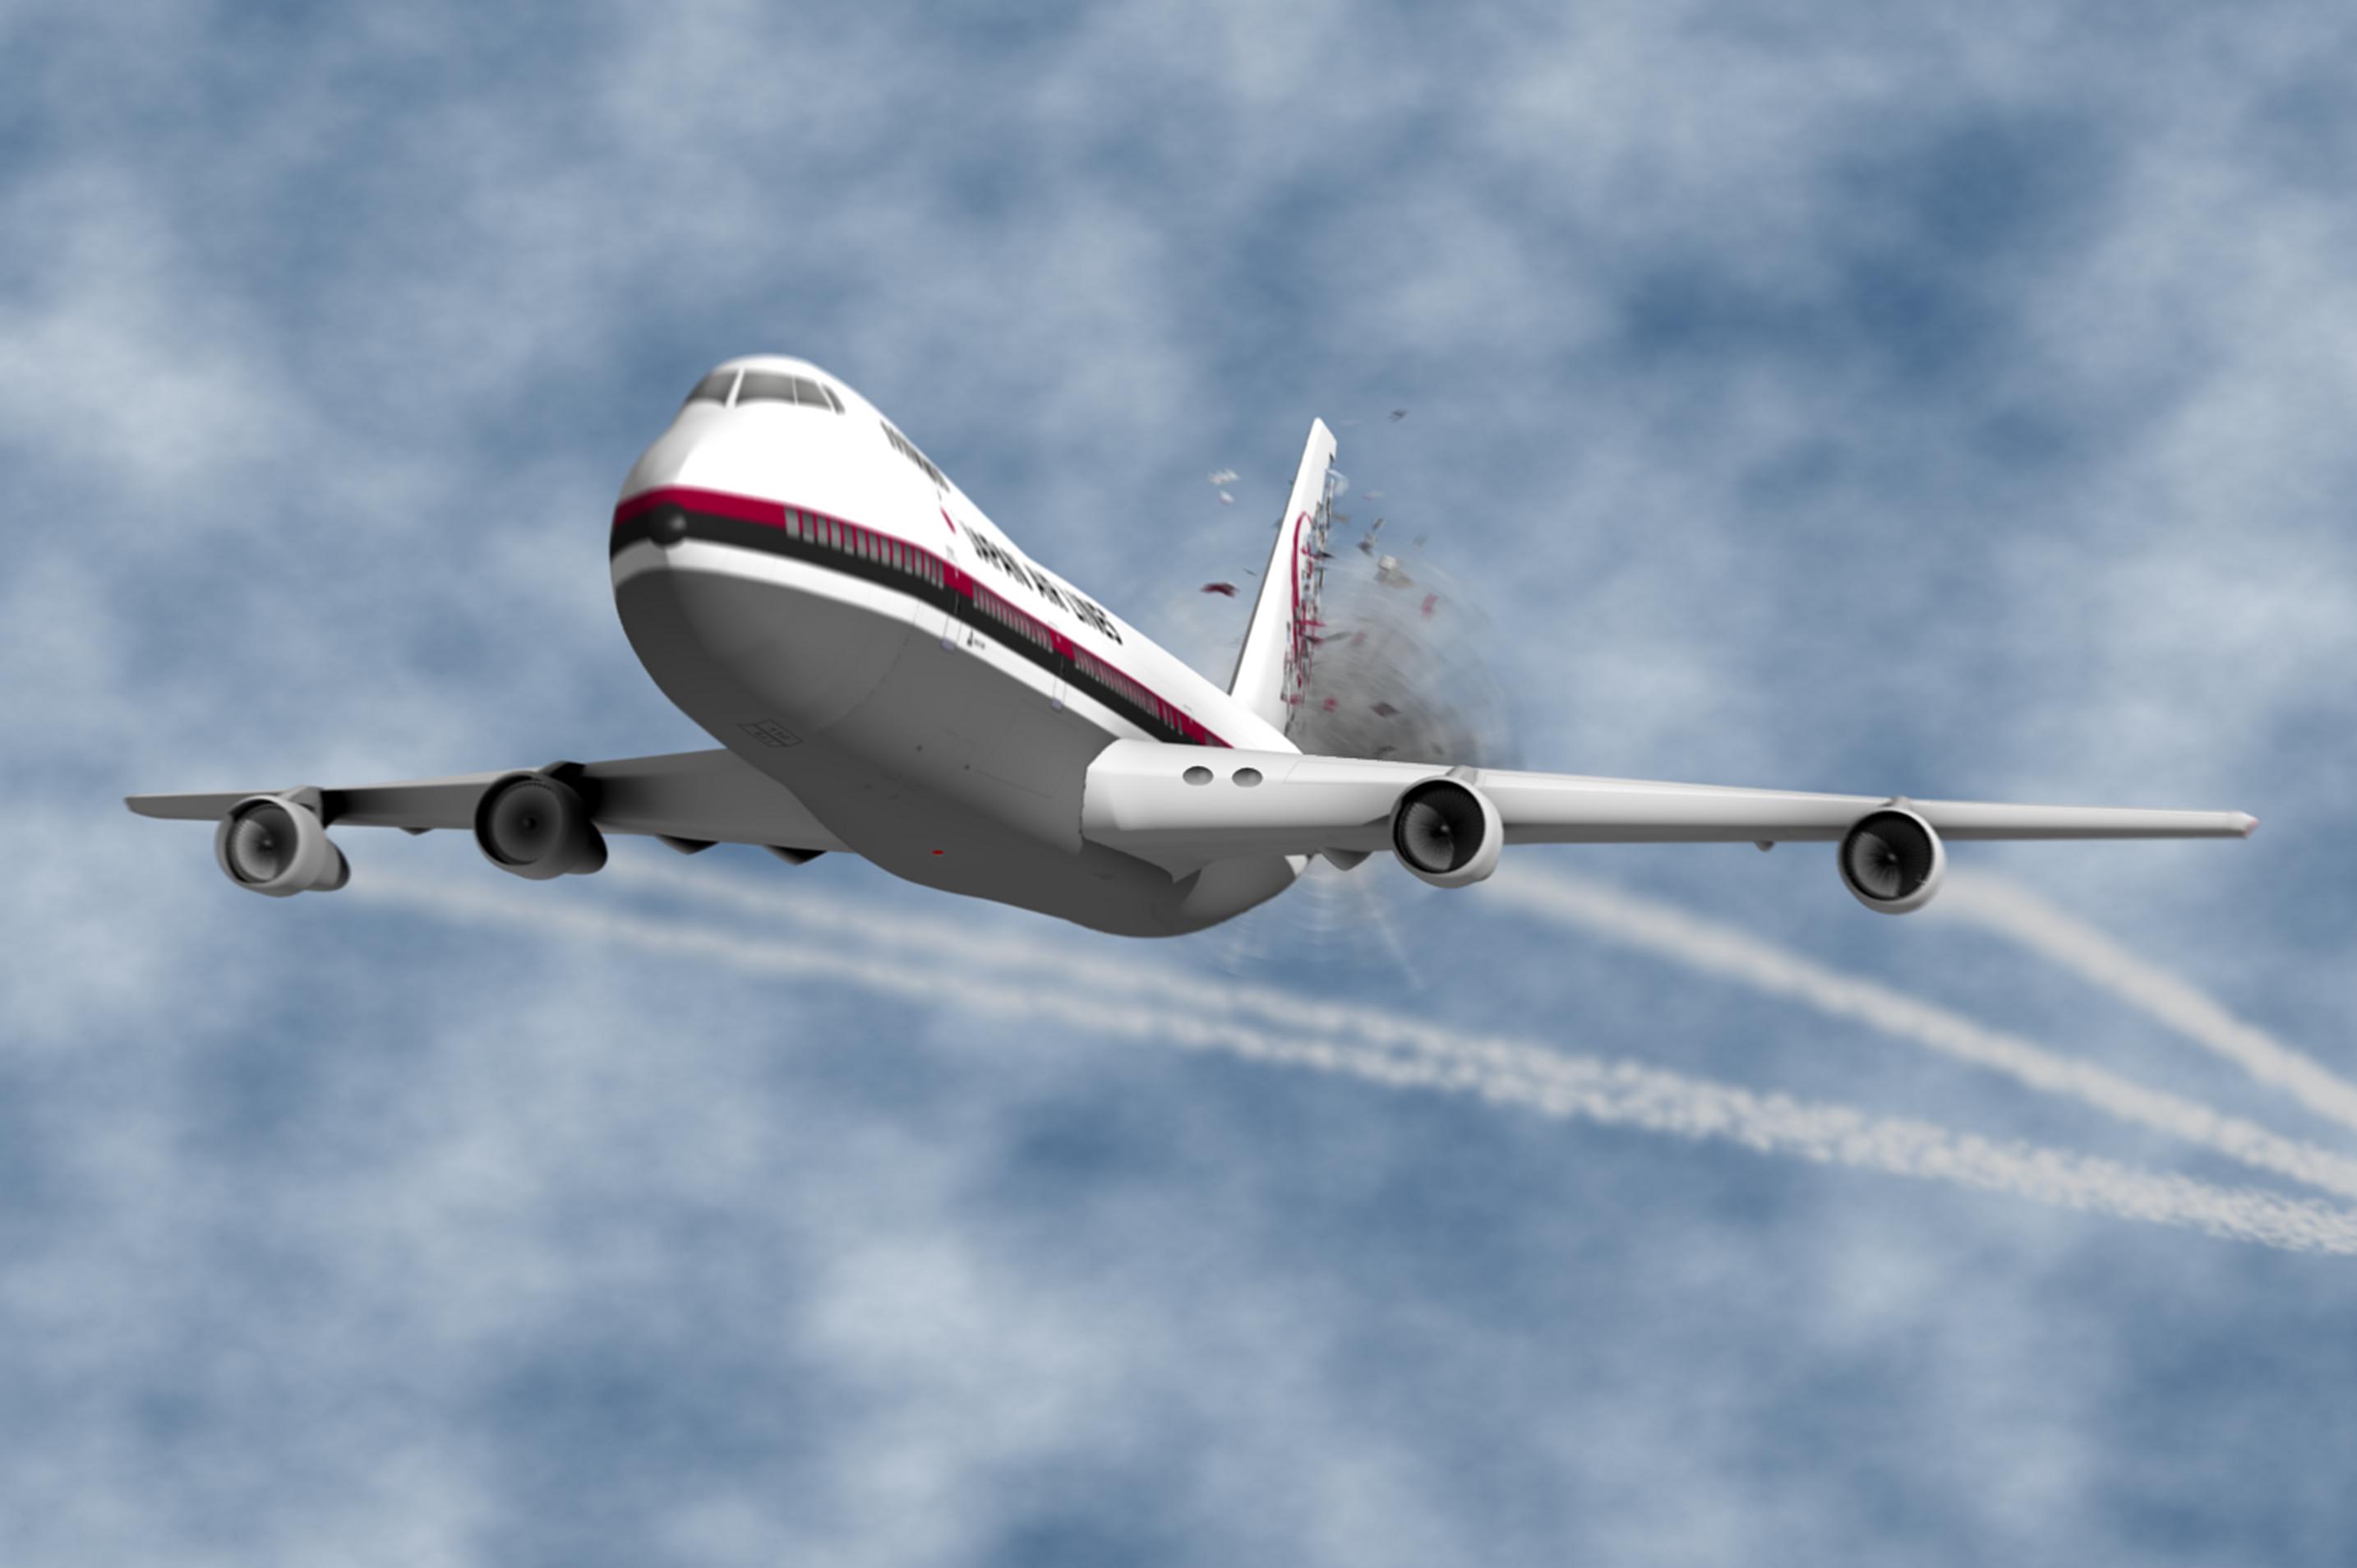 Авиакатастрофа под Токио 12 августа 1985 года - это... Что такое ...